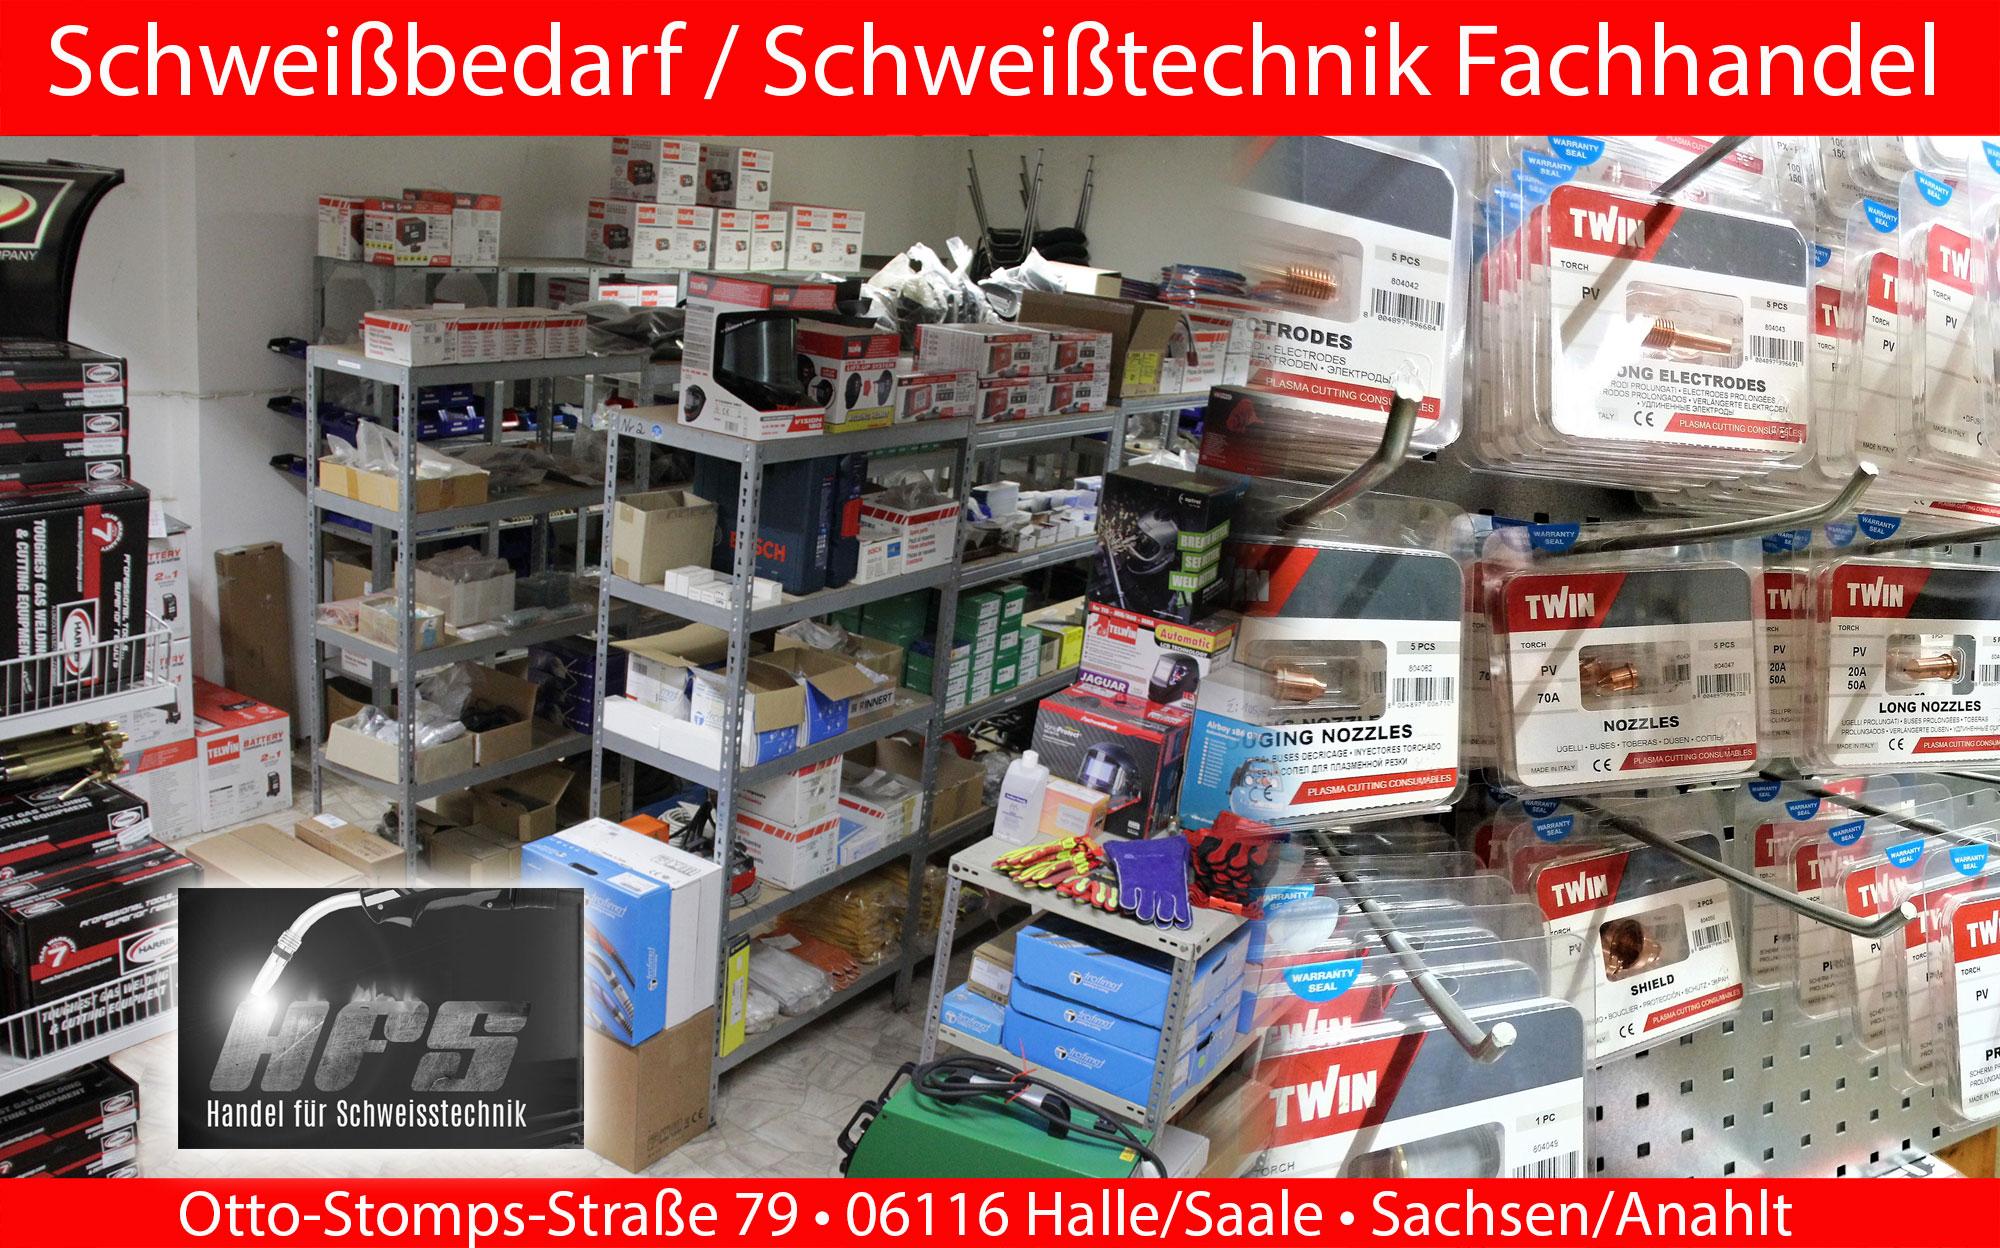 Schweißbedarf Fachhandel Halle/Saale Sachsen Anhalt